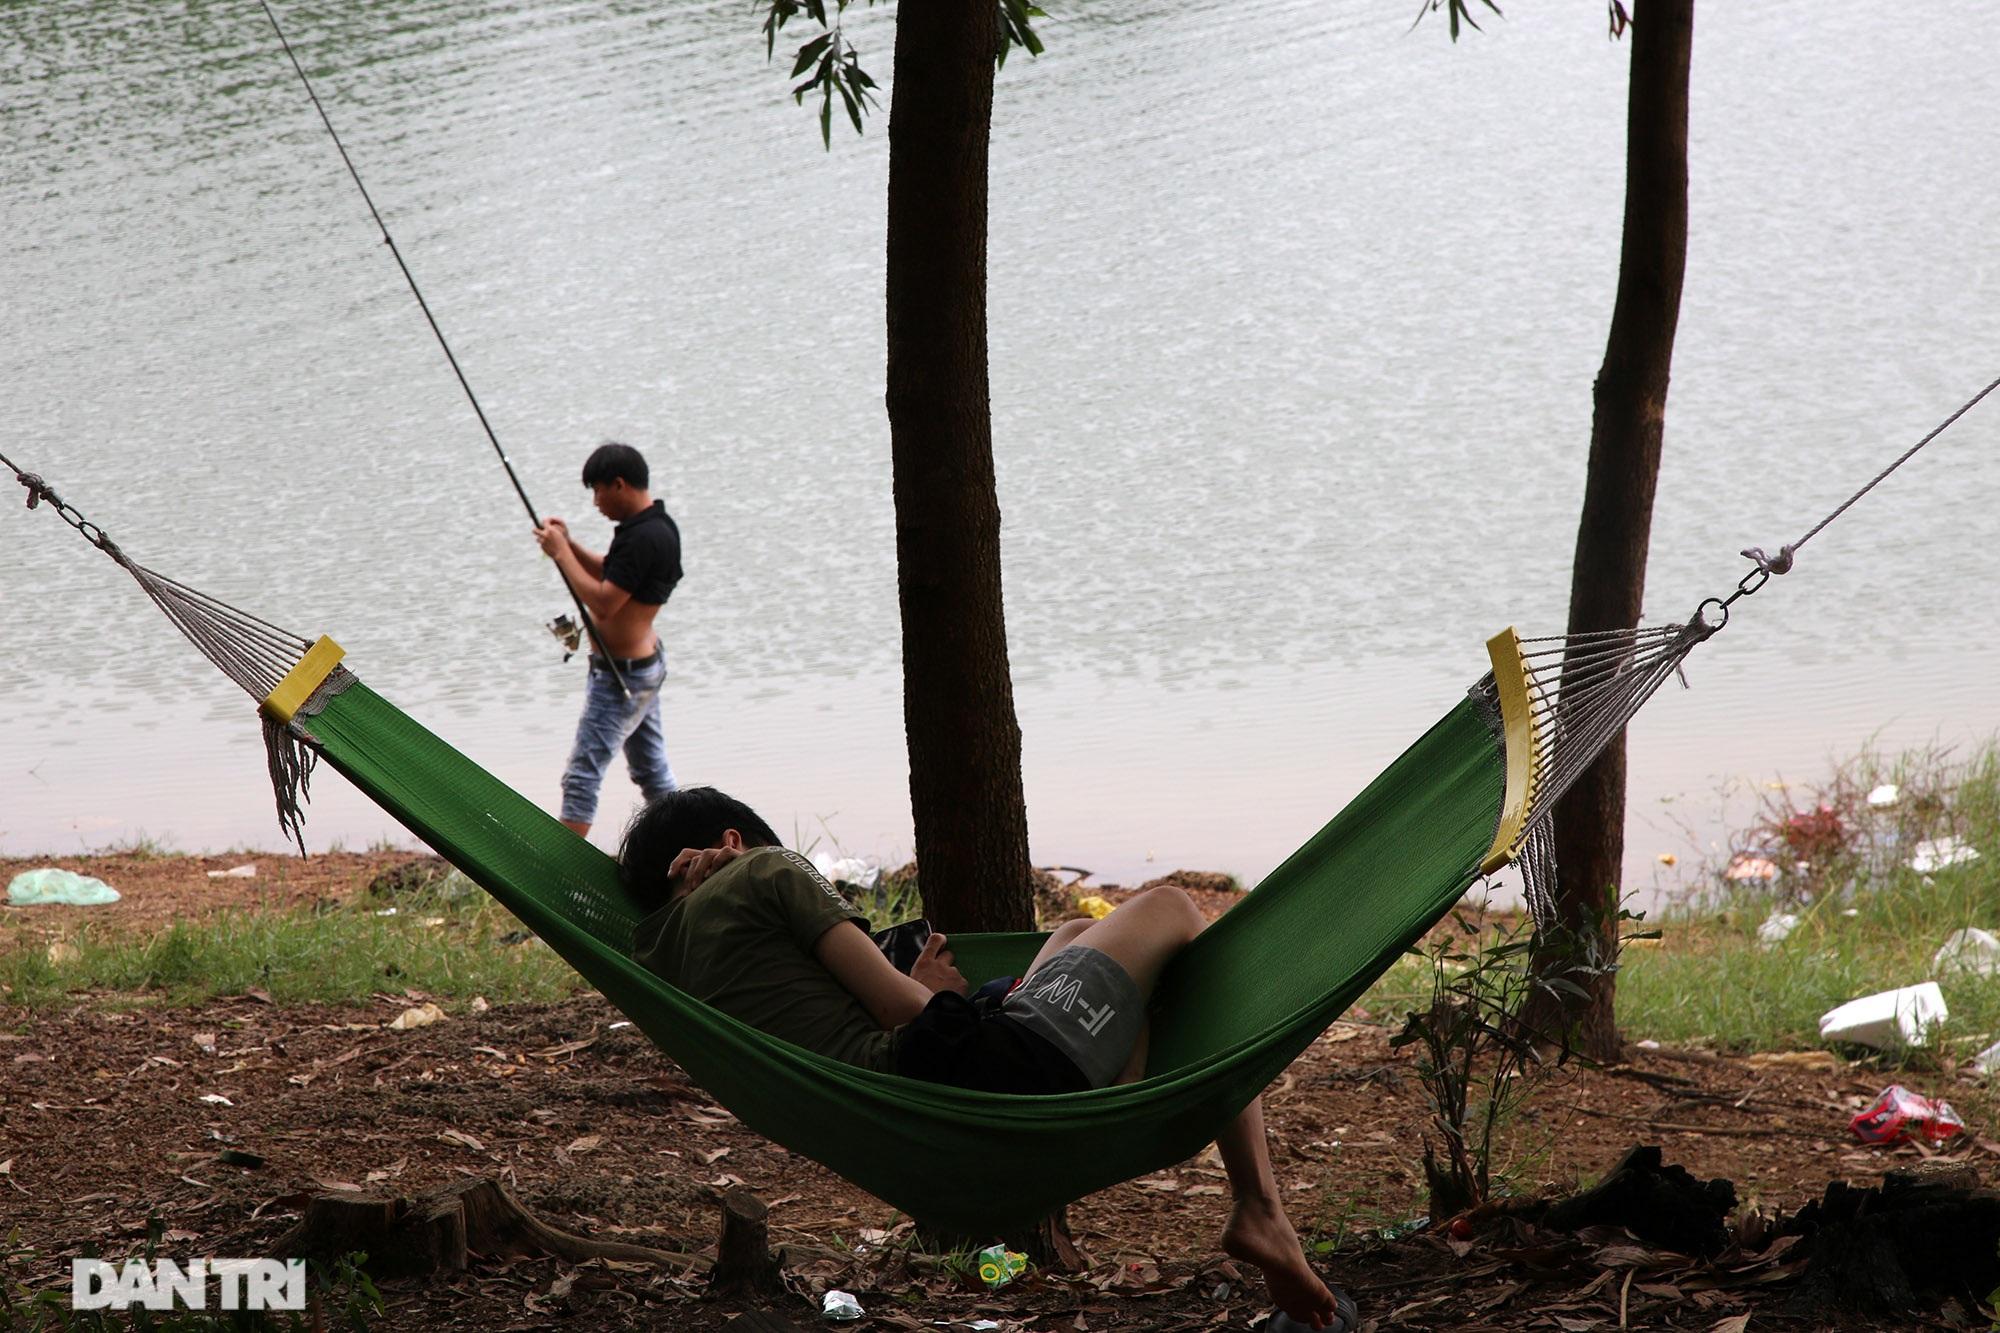 Dù có biển cấm tụ tập, hồ Đồng Mô vẫn tấp nập người đến cắm trại - 12